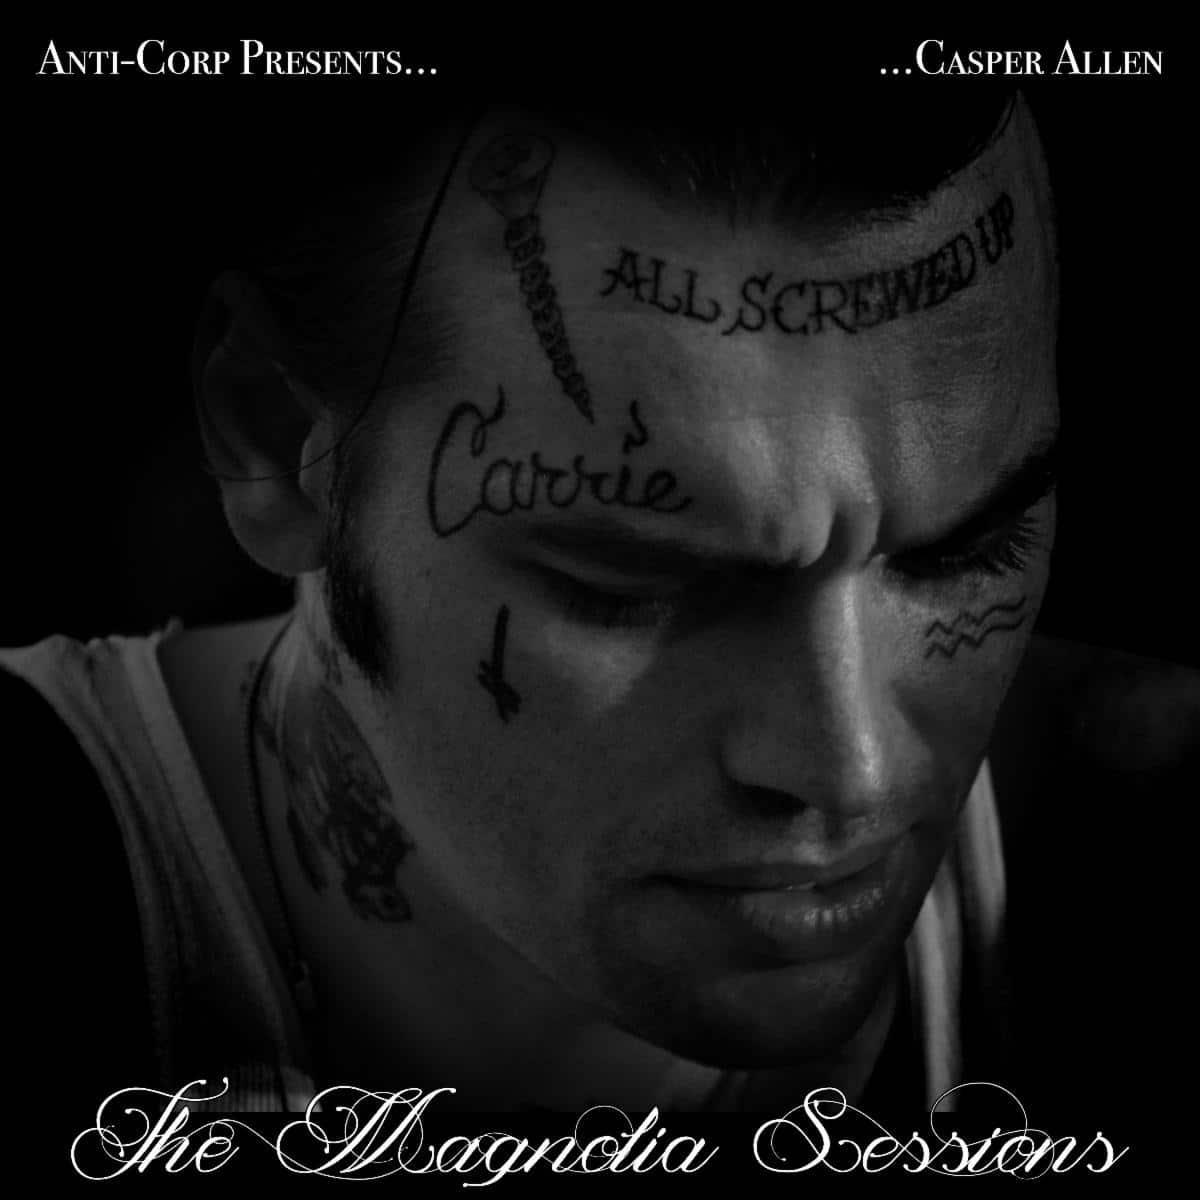 The Magnolia Sessions - Casper Allen